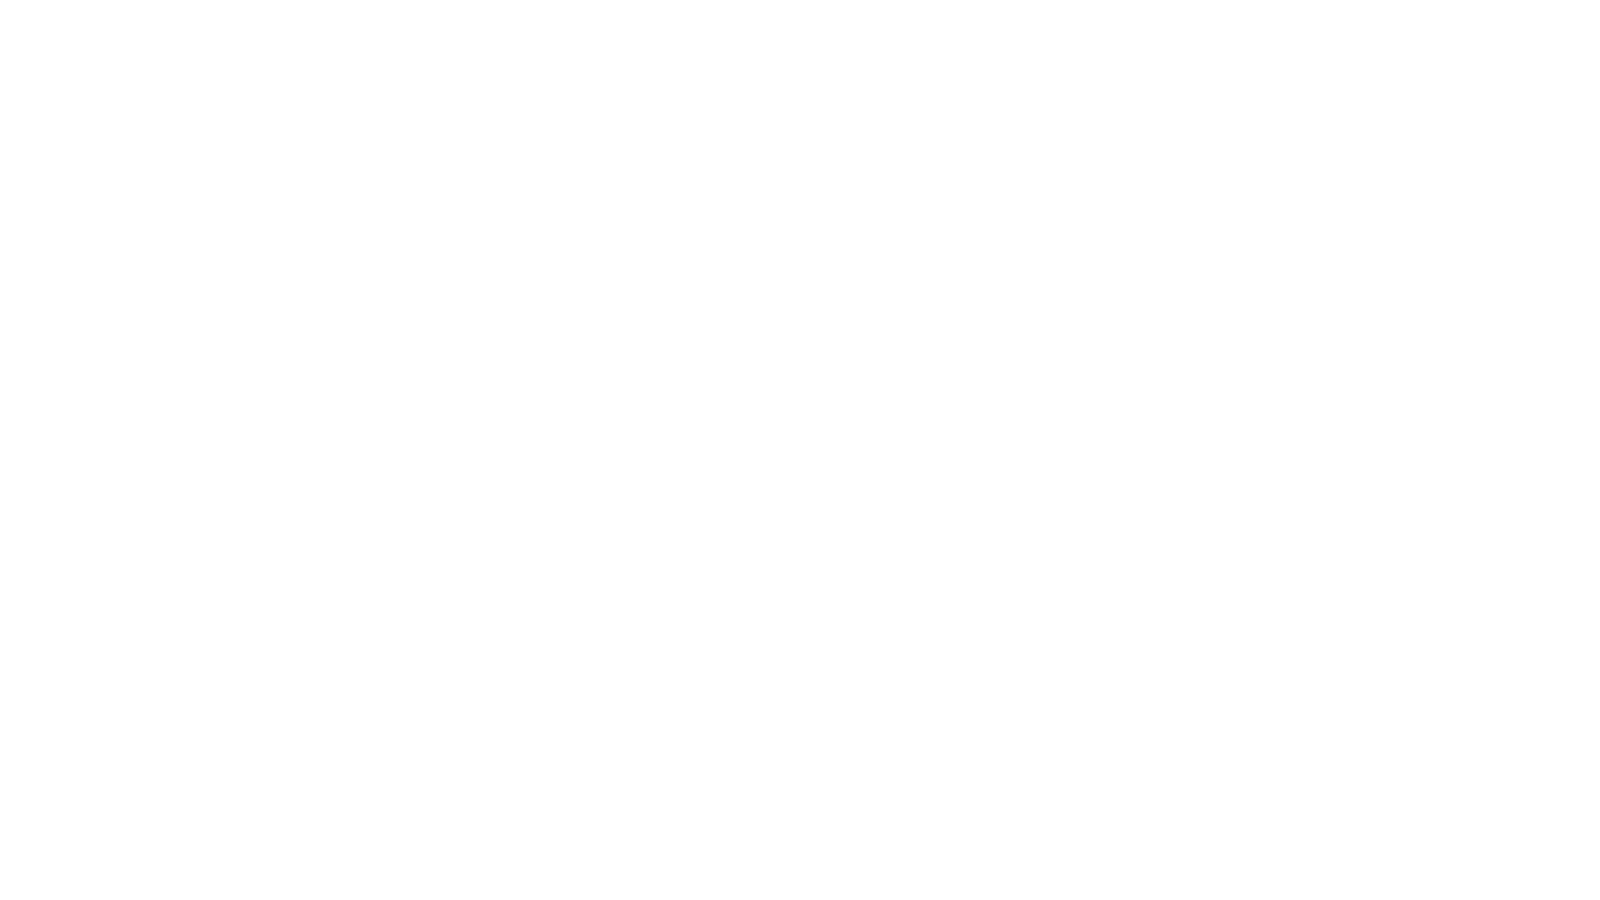 Percorri la tua strada, lascia la tua impronta 👣 #lamiascia #adv #lenostreimpronte #lecoqsportif #LCSfamily #Inclusione #Motivazione #Prossimità #Rispetto #Orgoglio #Natura #Trasmissione #Emozione